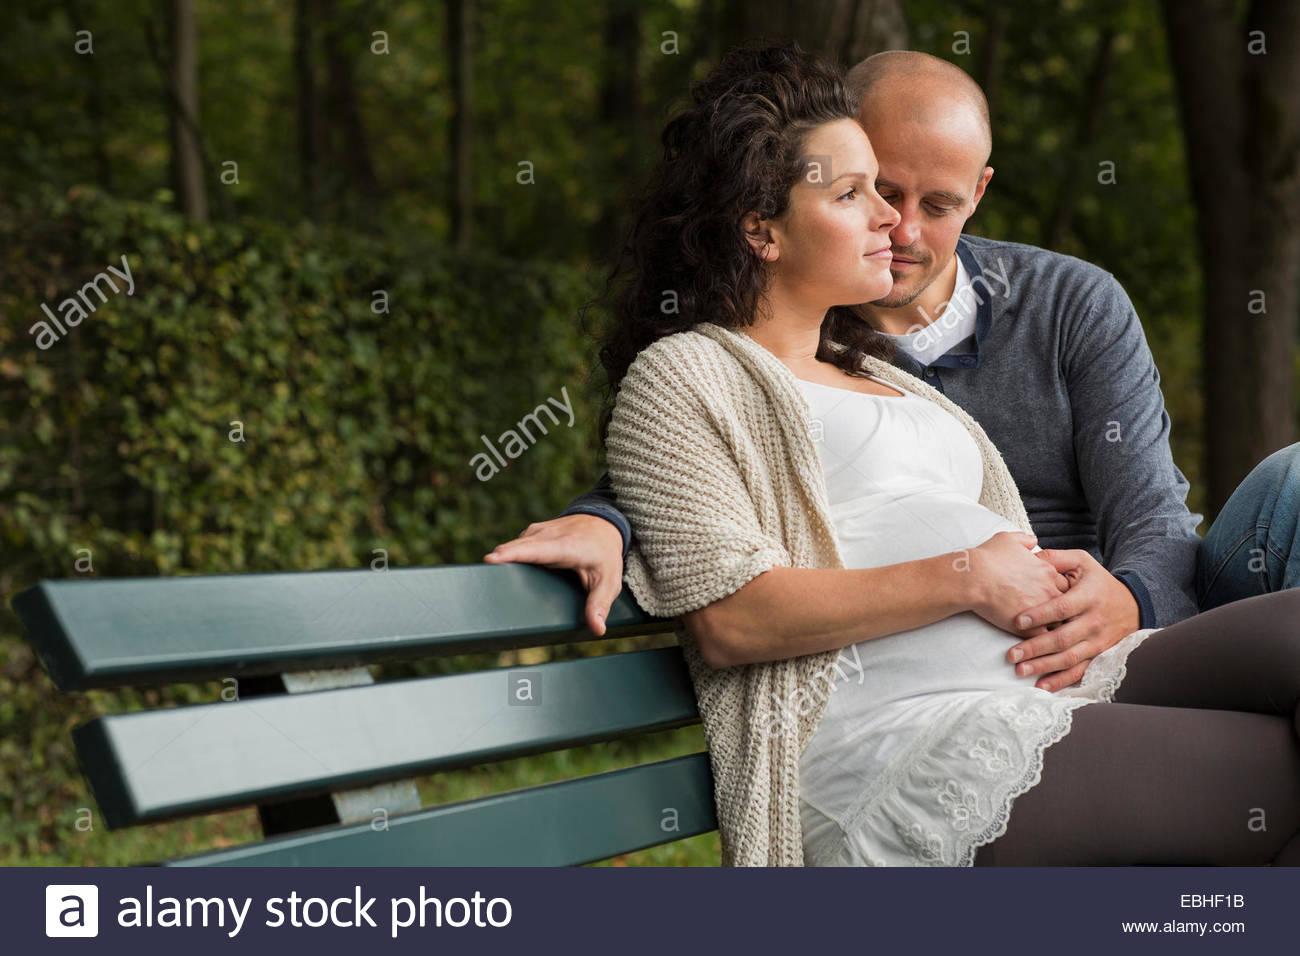 Incinta giovane accarezzando ventre su una panchina nel parco Immagini Stock